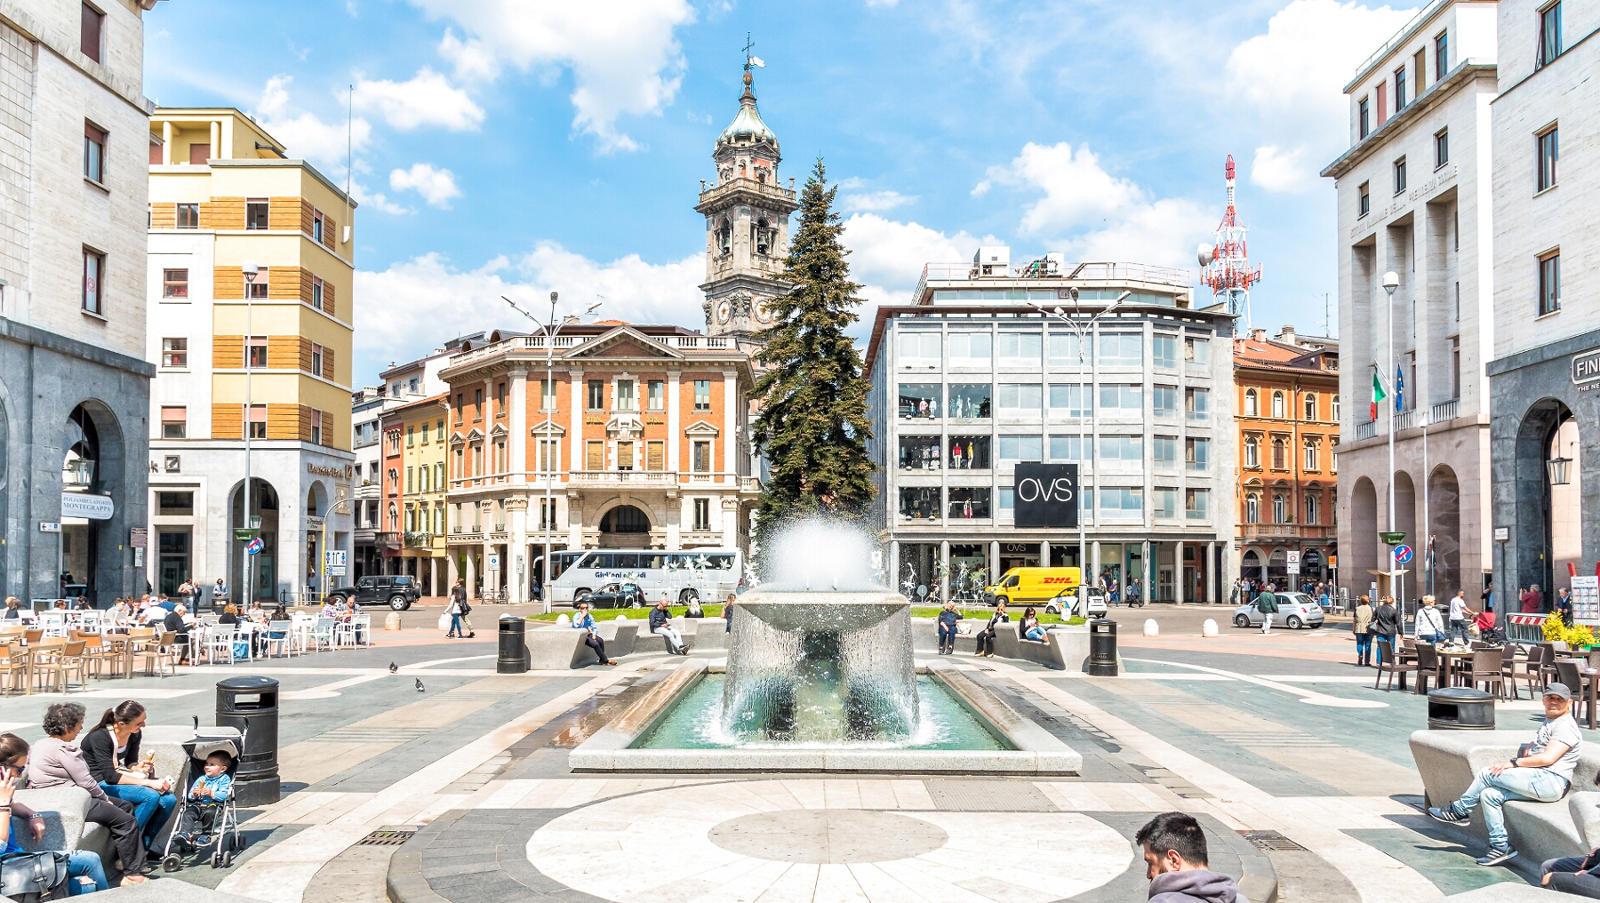 Valutazione Immobili Varese